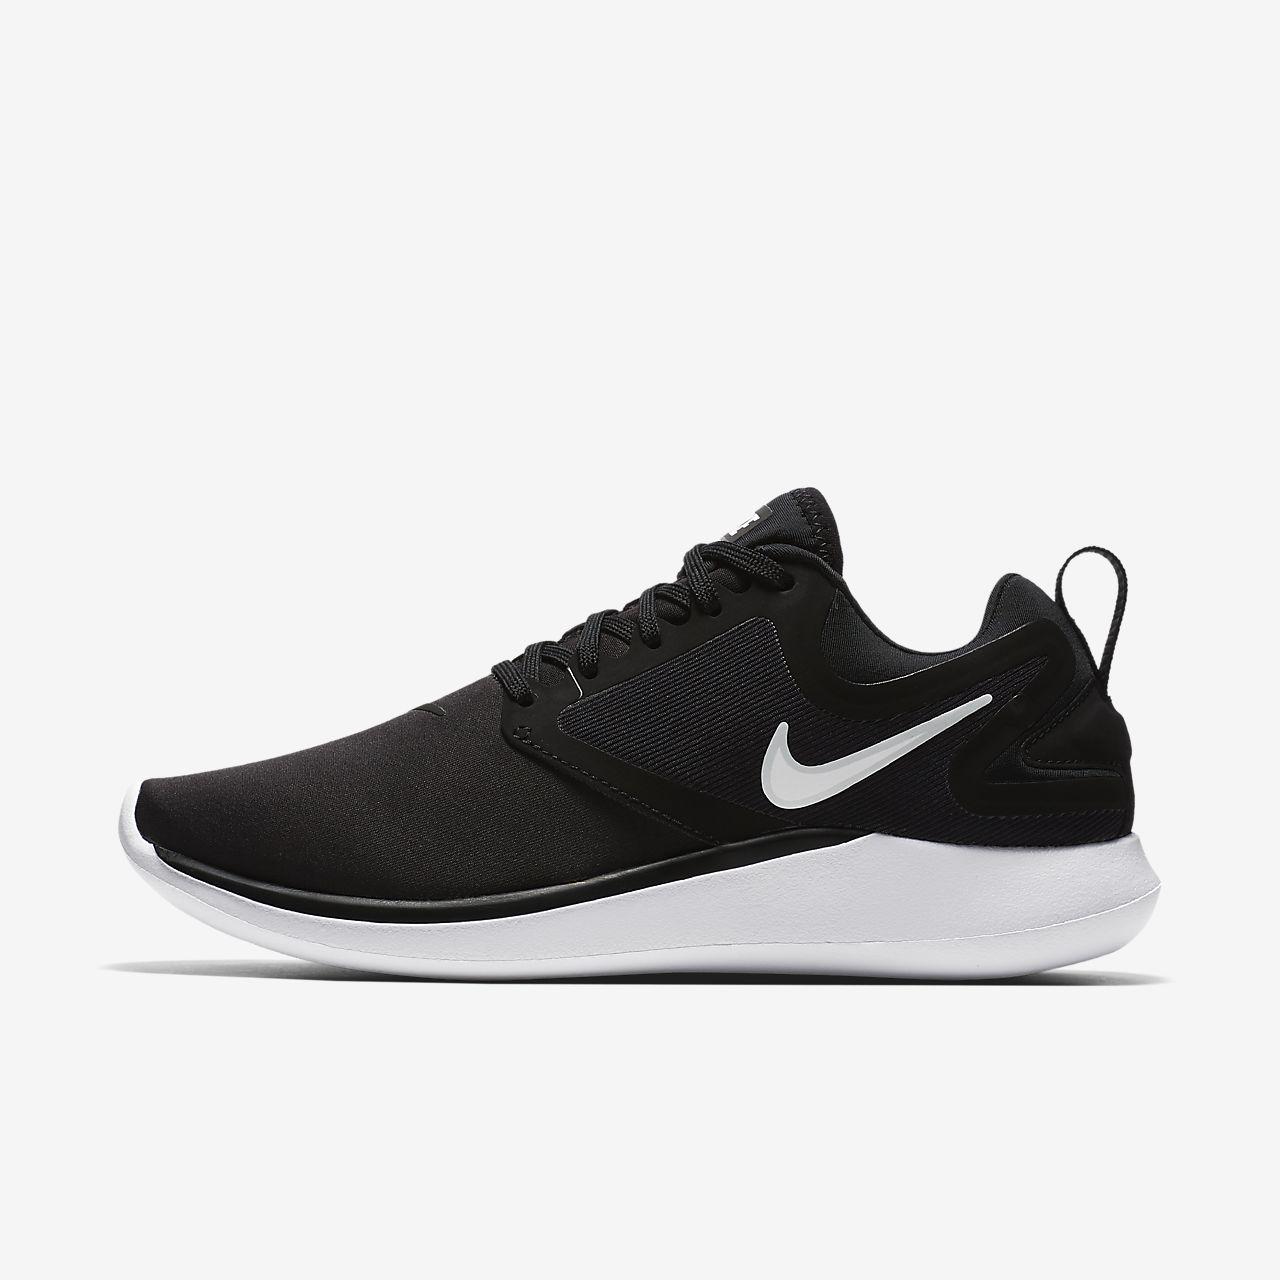 Para Lunarsolo Calzado De Running Mujer Nike vO8m0PwnyN